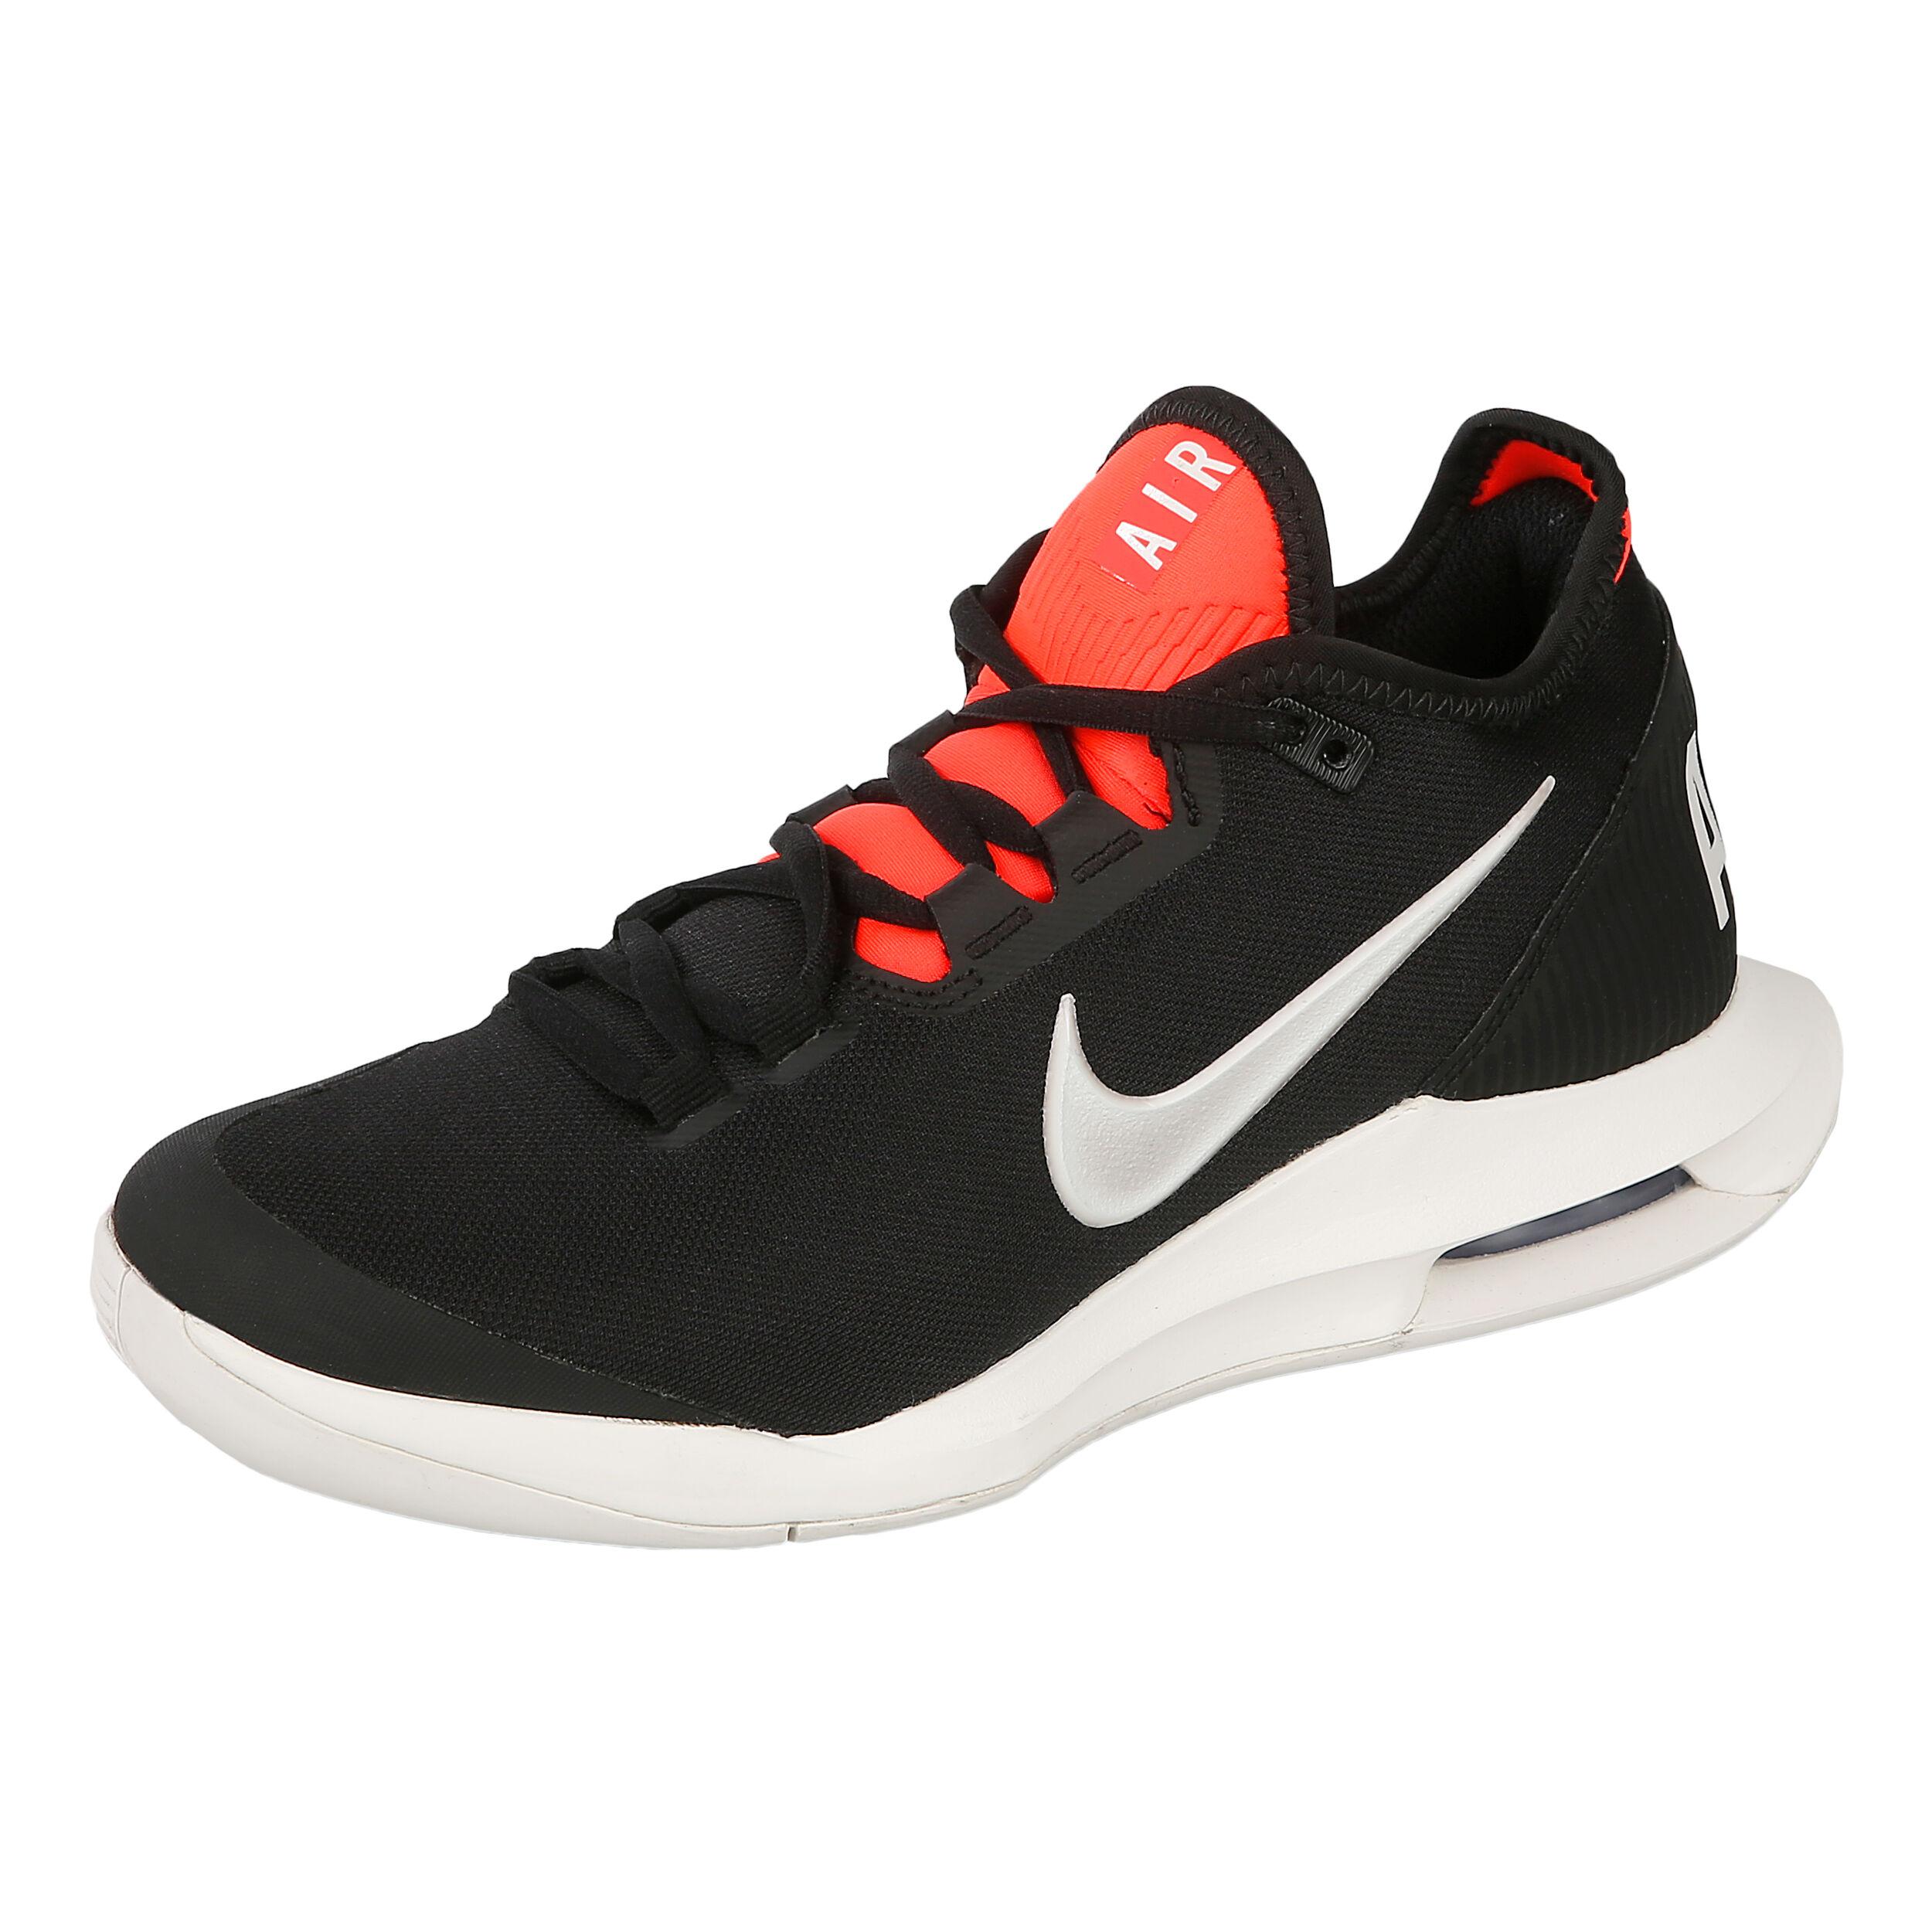 Nike Air Max Wildcard Chaussure Tout Terrain Enfants Noir